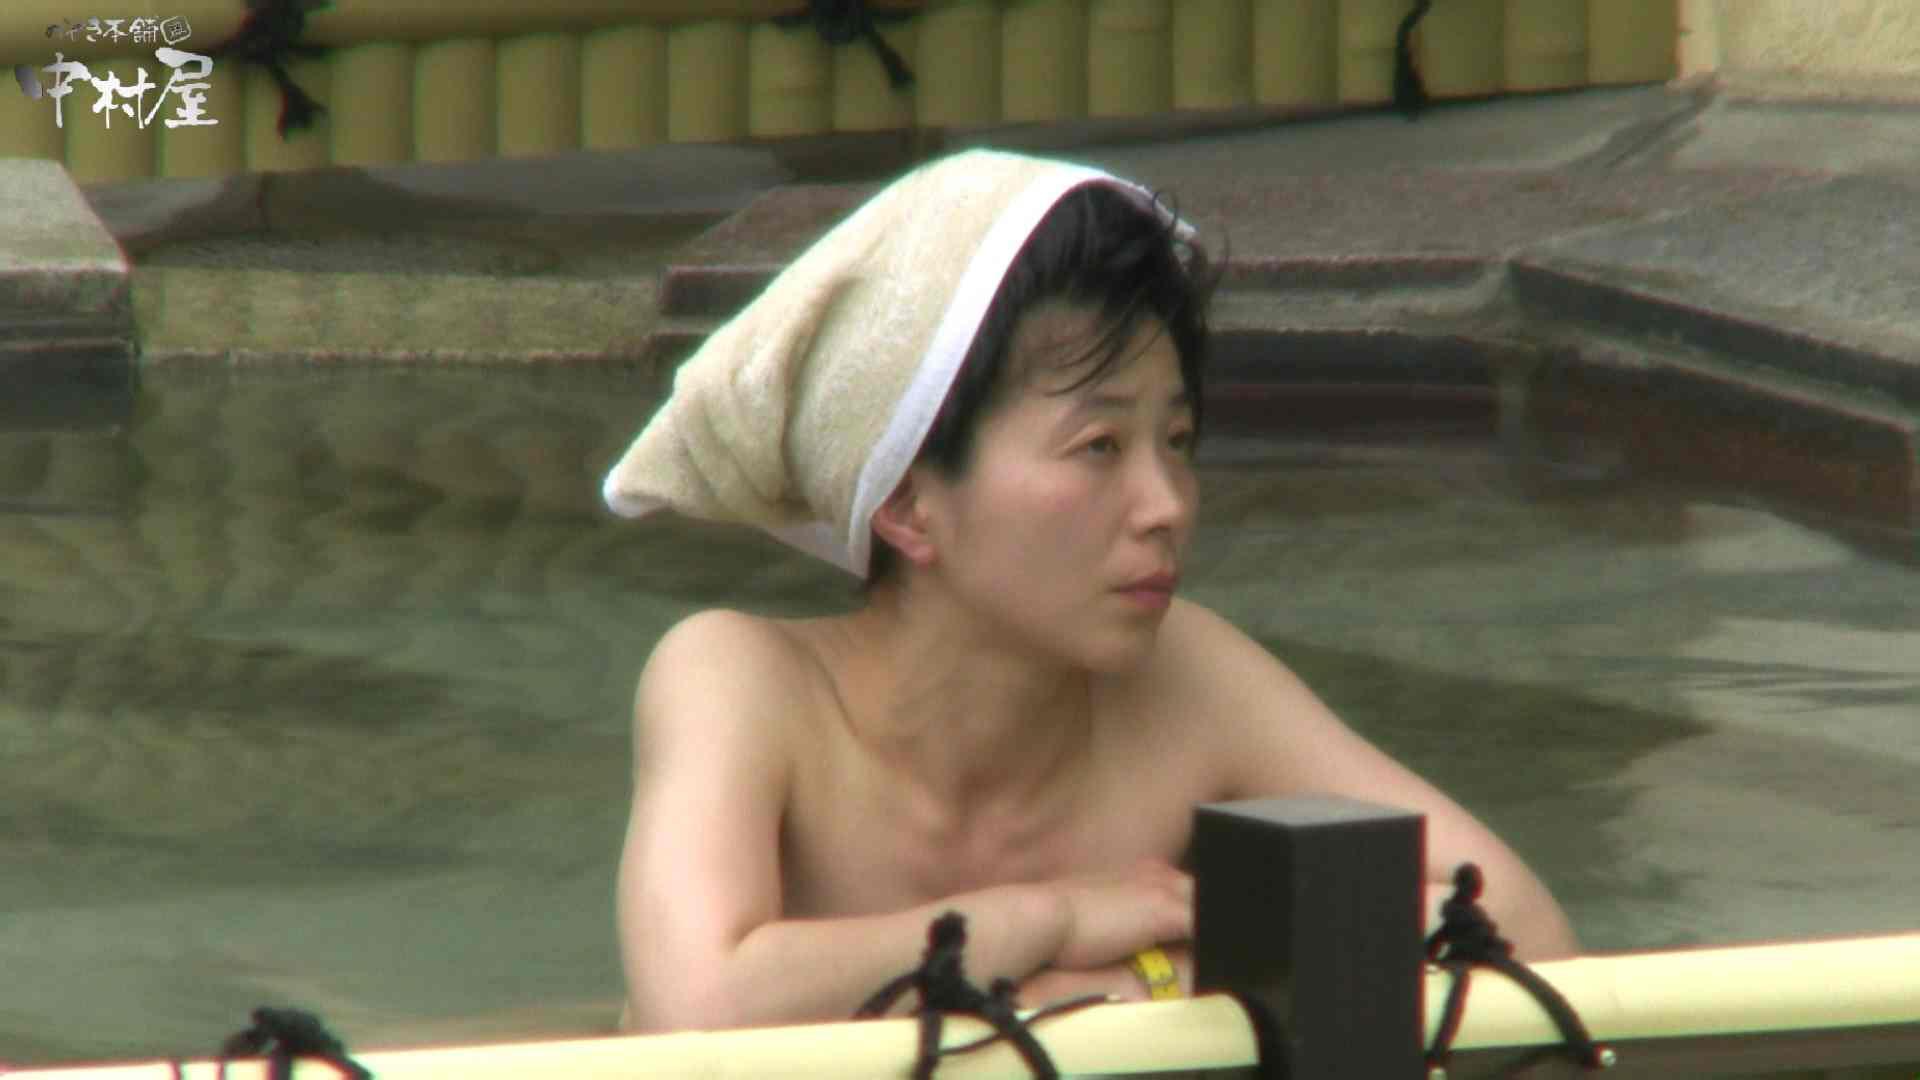 Aquaな露天風呂Vol.950 露天風呂 | 盗撮  107連発 103